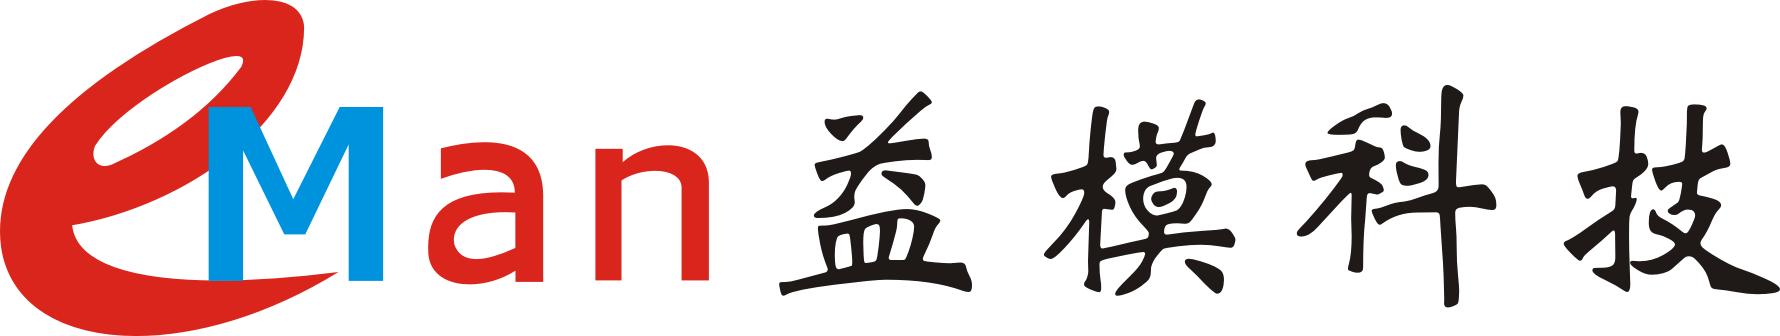 武汉益模科技股份有限公司